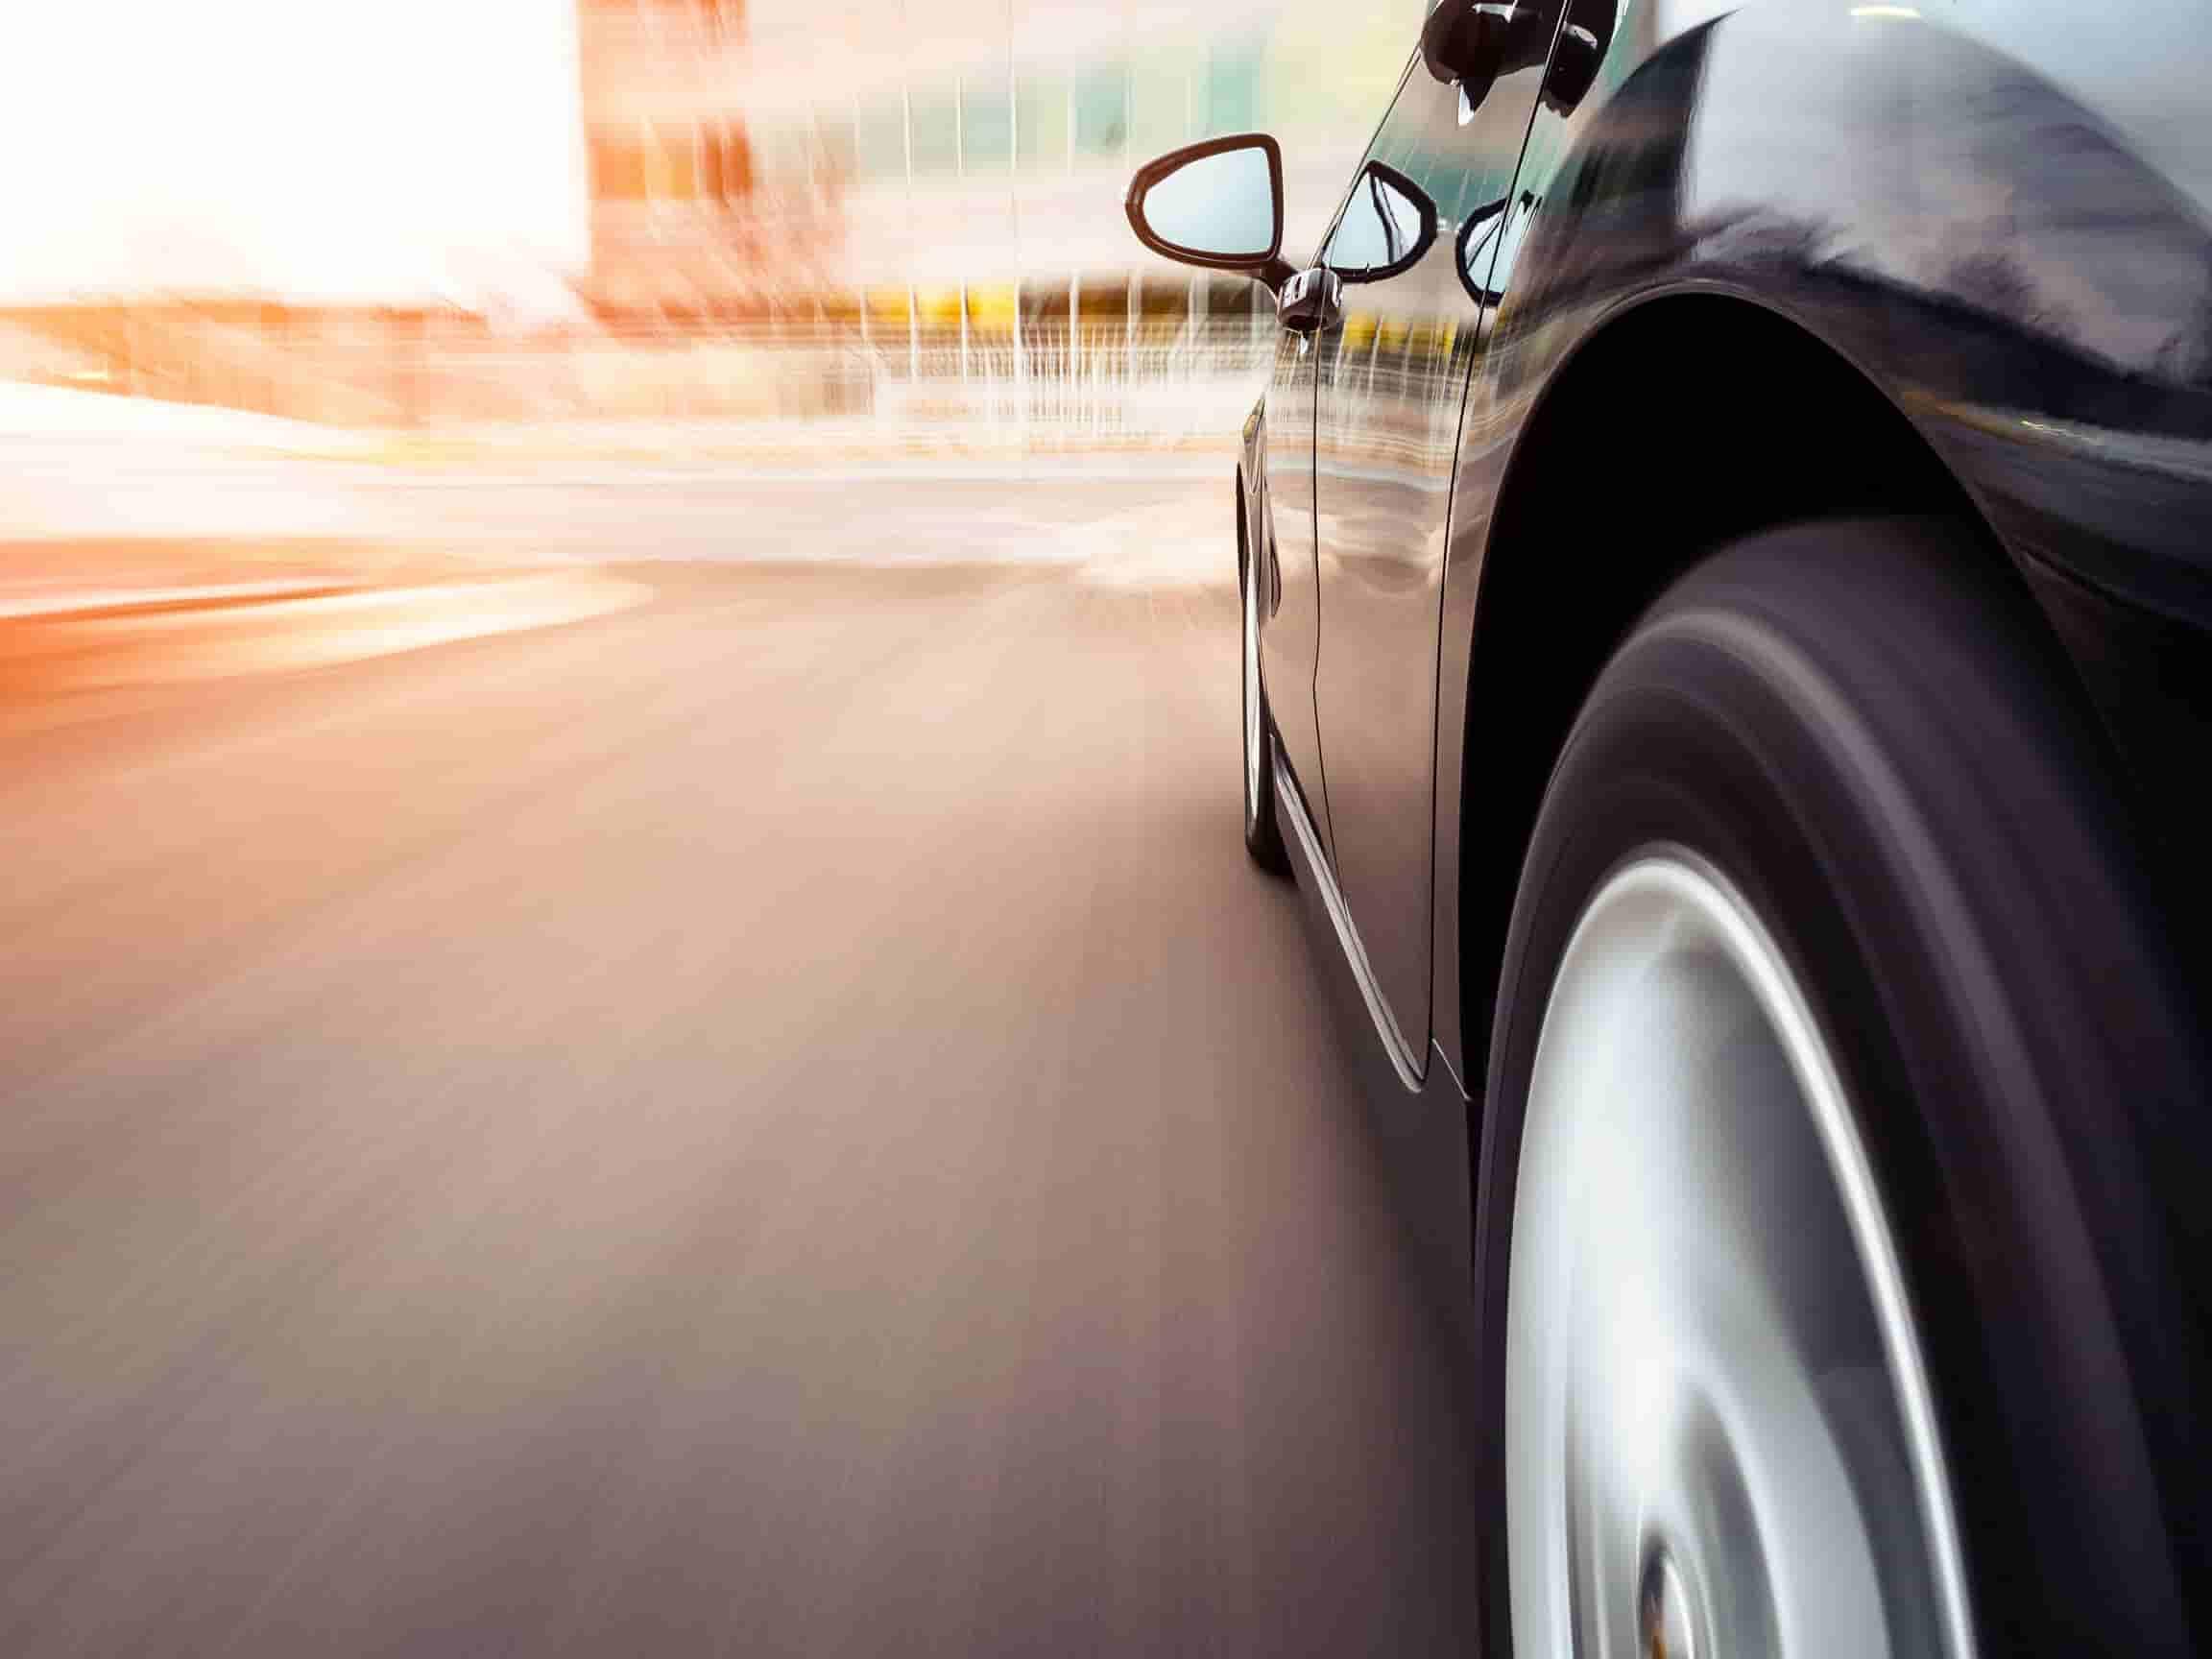 poistenie auta, zabezpečiť auto proti krádeži, rýchle auto, čierne auto